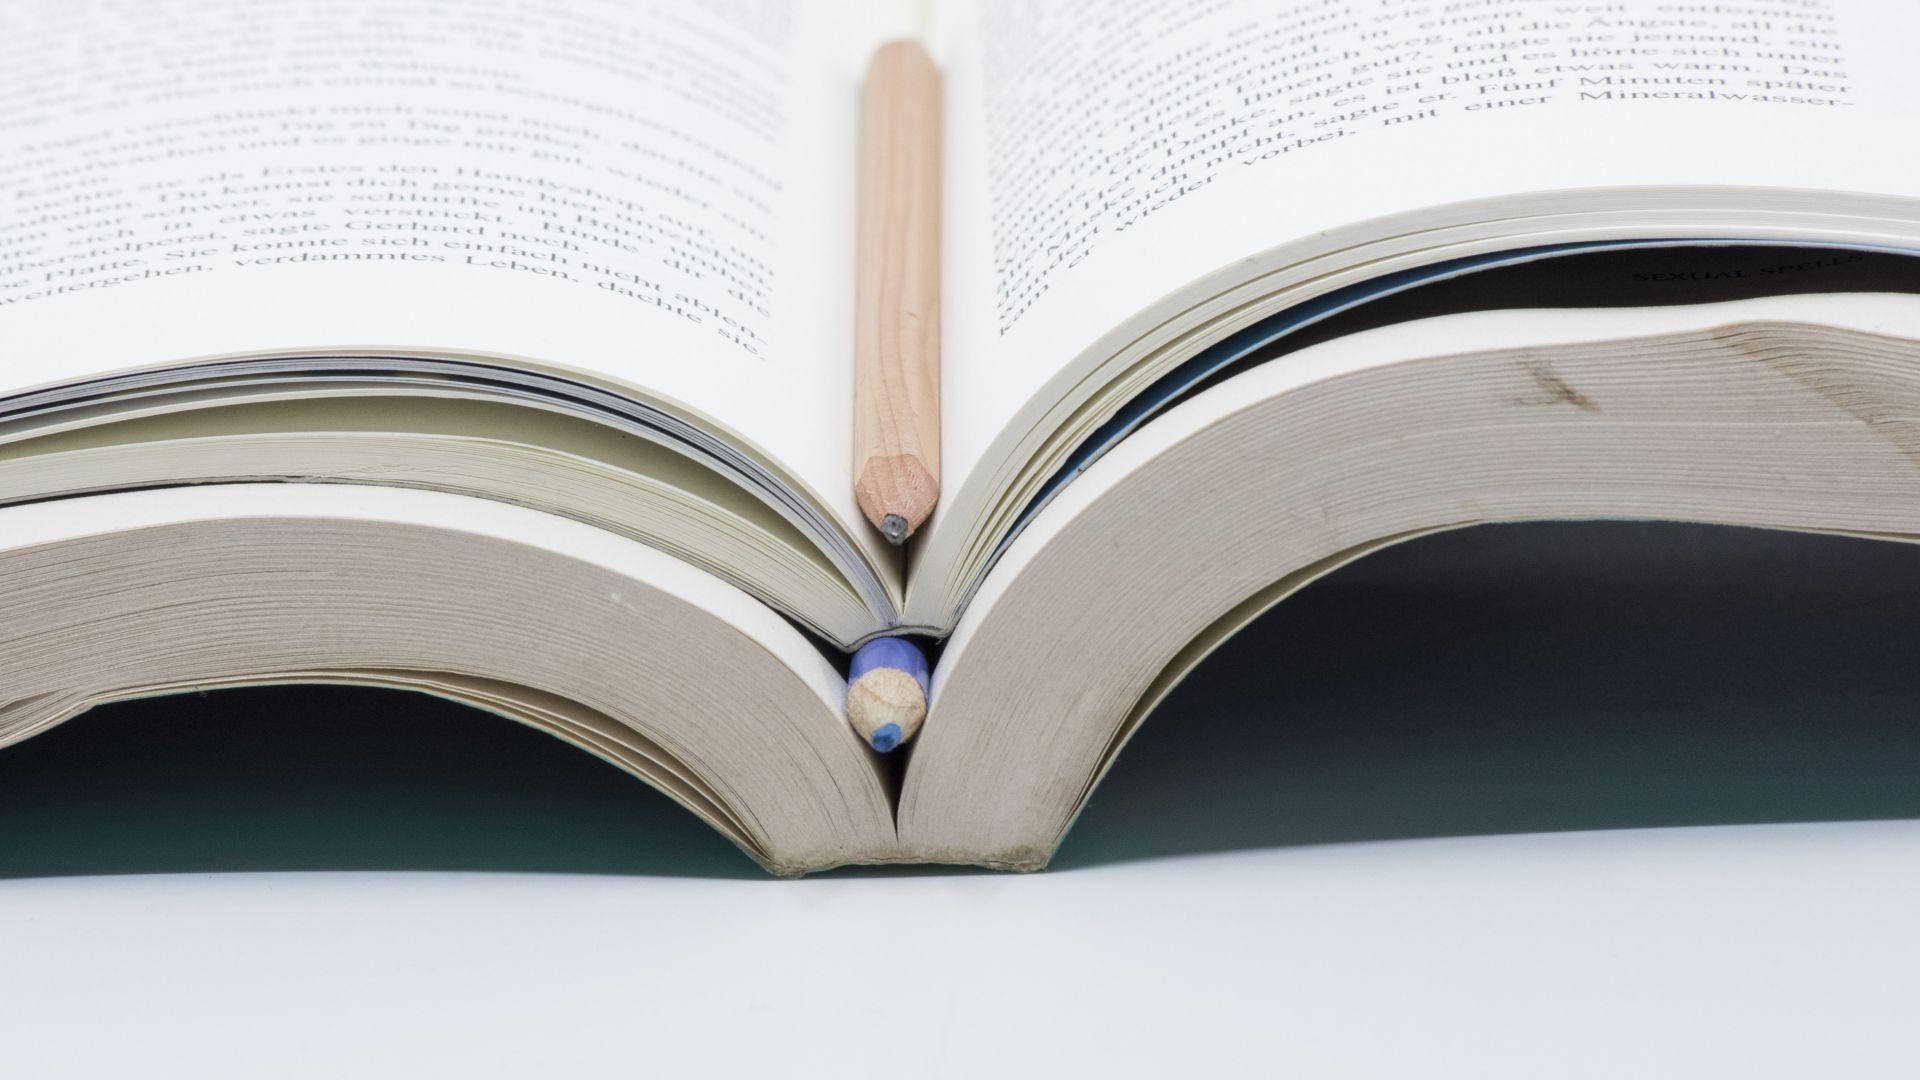 Човек се учи, докато е жив: Най-често срещаните грешки при писане на родния език